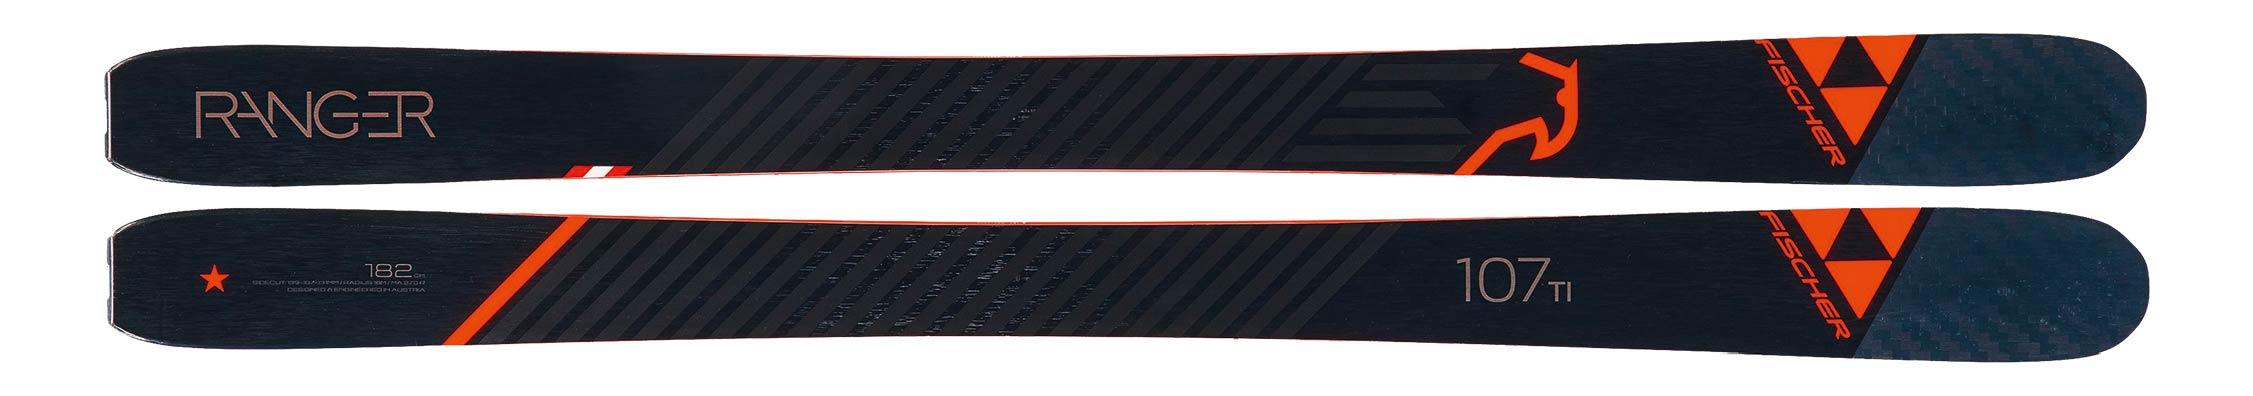 Fischer Ranger 107 TI - Topsheet